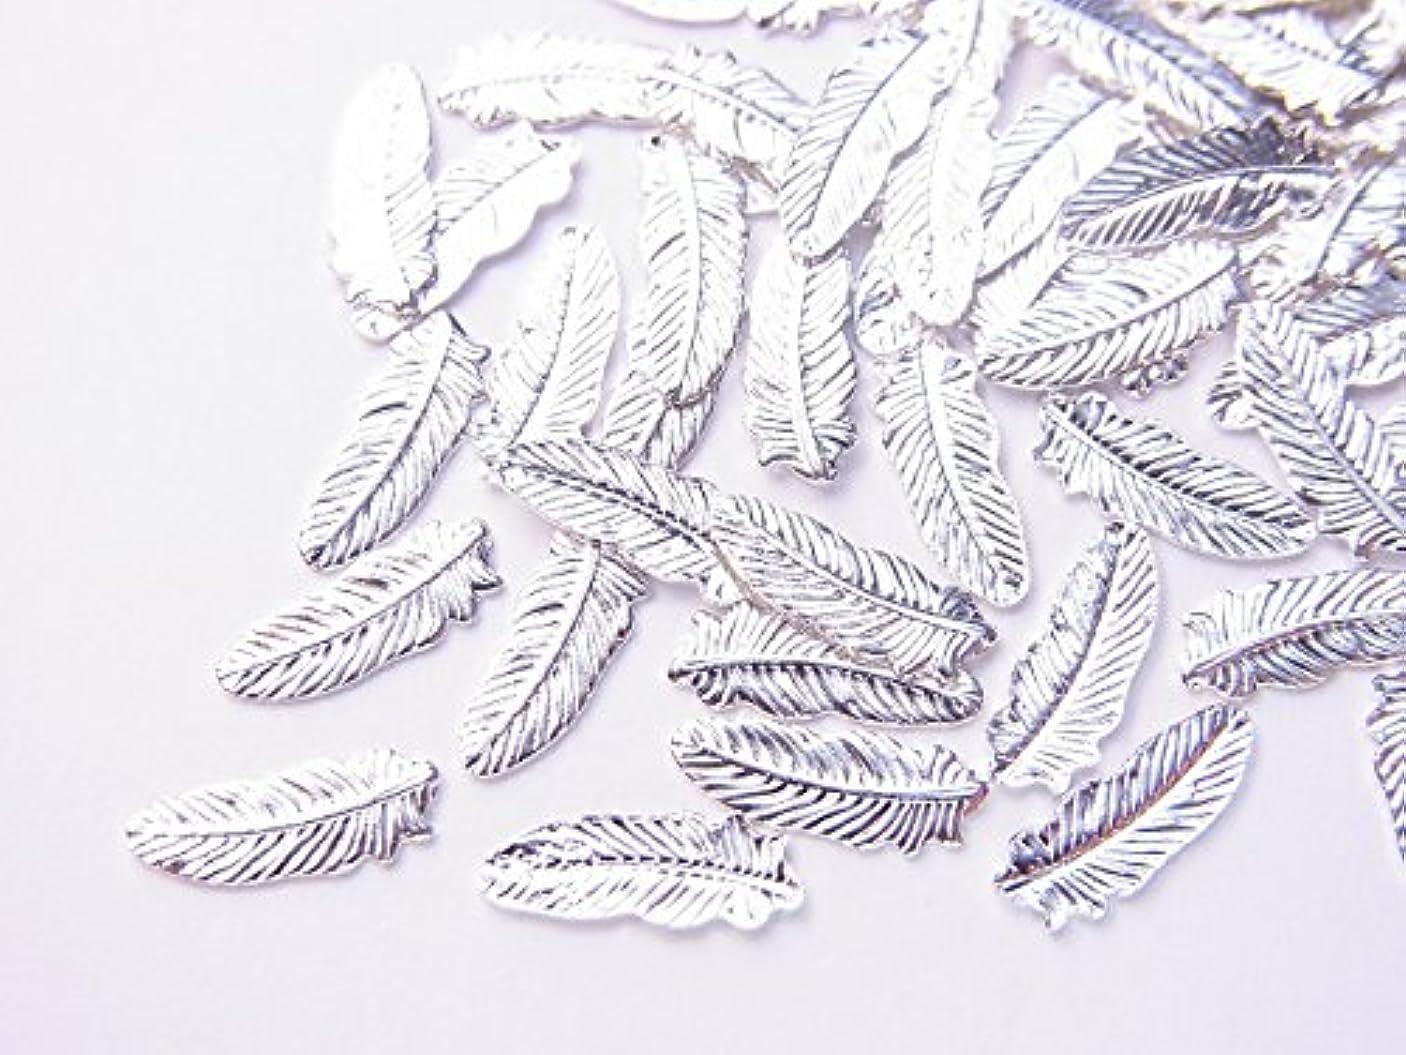 木製忠実に代表【jewel】薄型ネイルパーツ フェザー大 約8.2mm×3mm 10個入り シルバー 手芸 素材 アートパーツ デコ素材